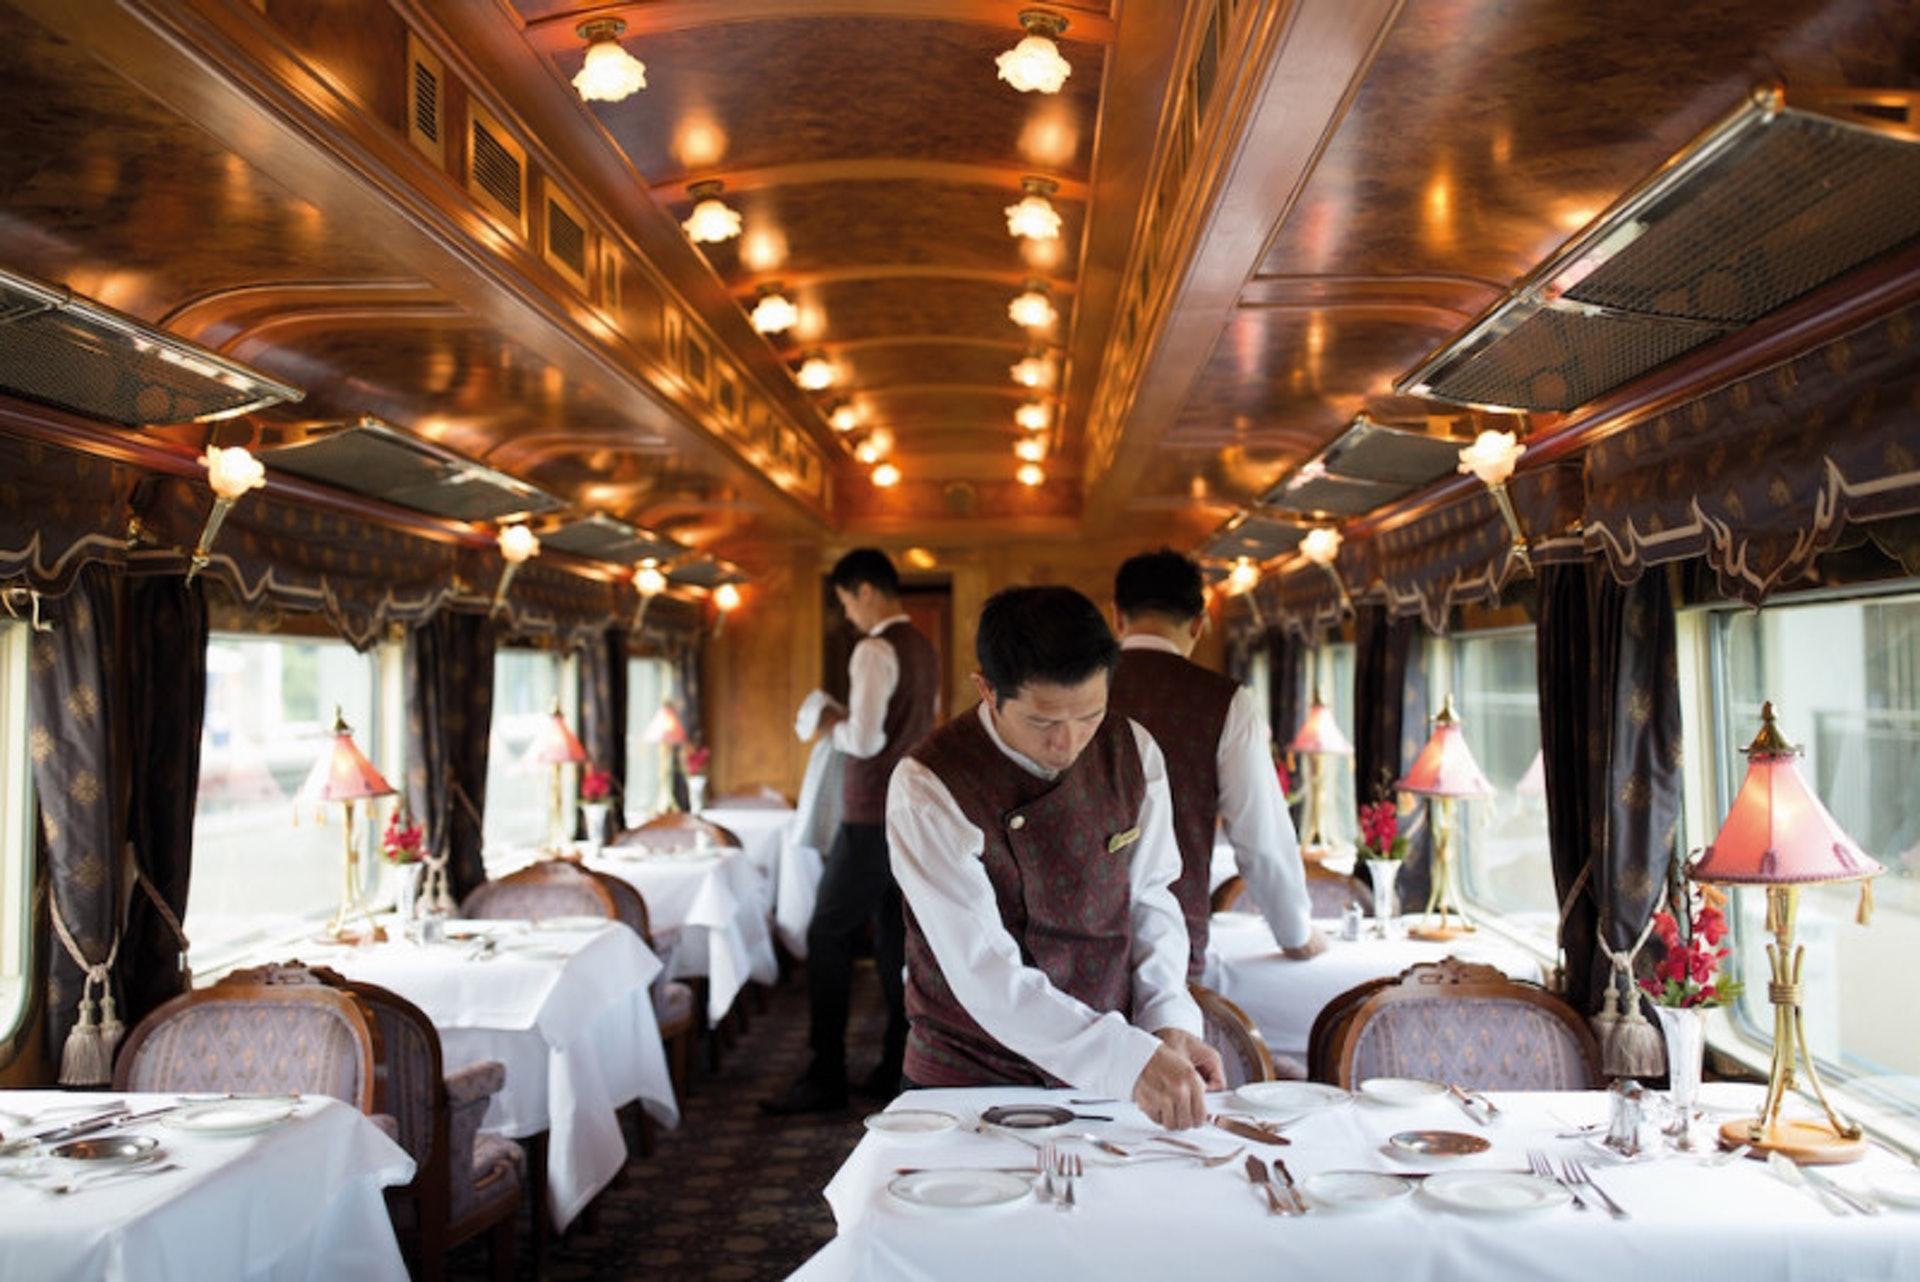 賓客的三餐皆由火車提供,早餐、傳統英式下午茶通常由服務人員直接送入客房,午、晚餐則要移駕至餐車享用(世界高級品提供)